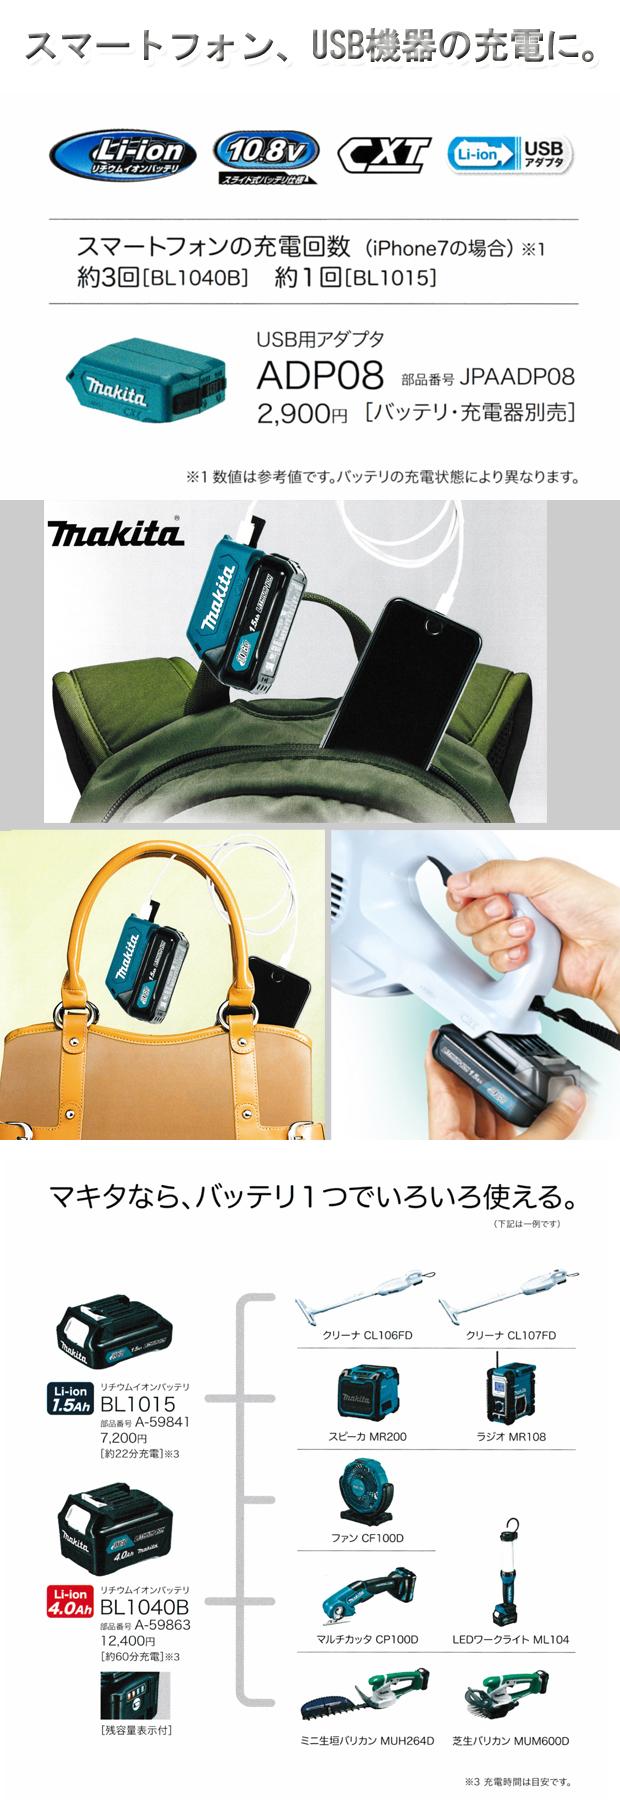 マキタ 10.8v USB用アダプタ(ADP08)